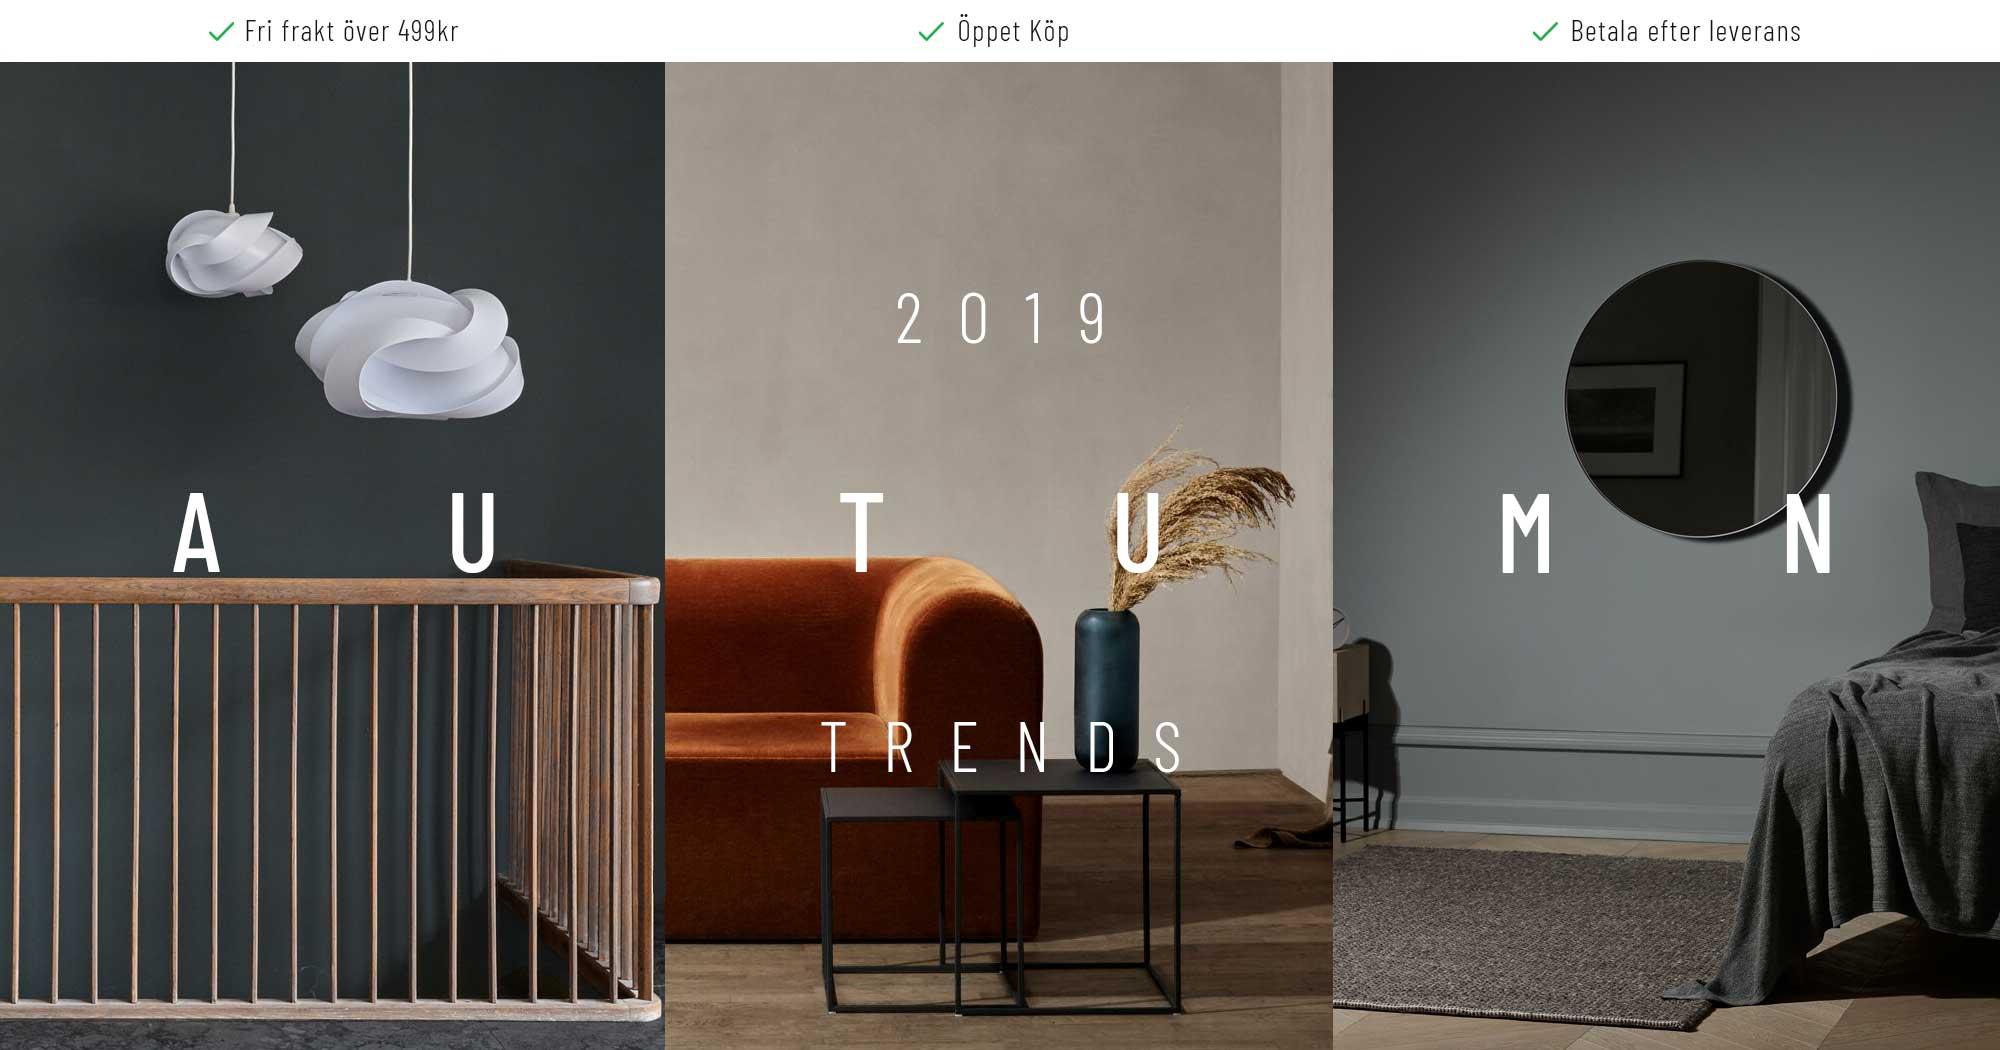 heminredning online våren 2019